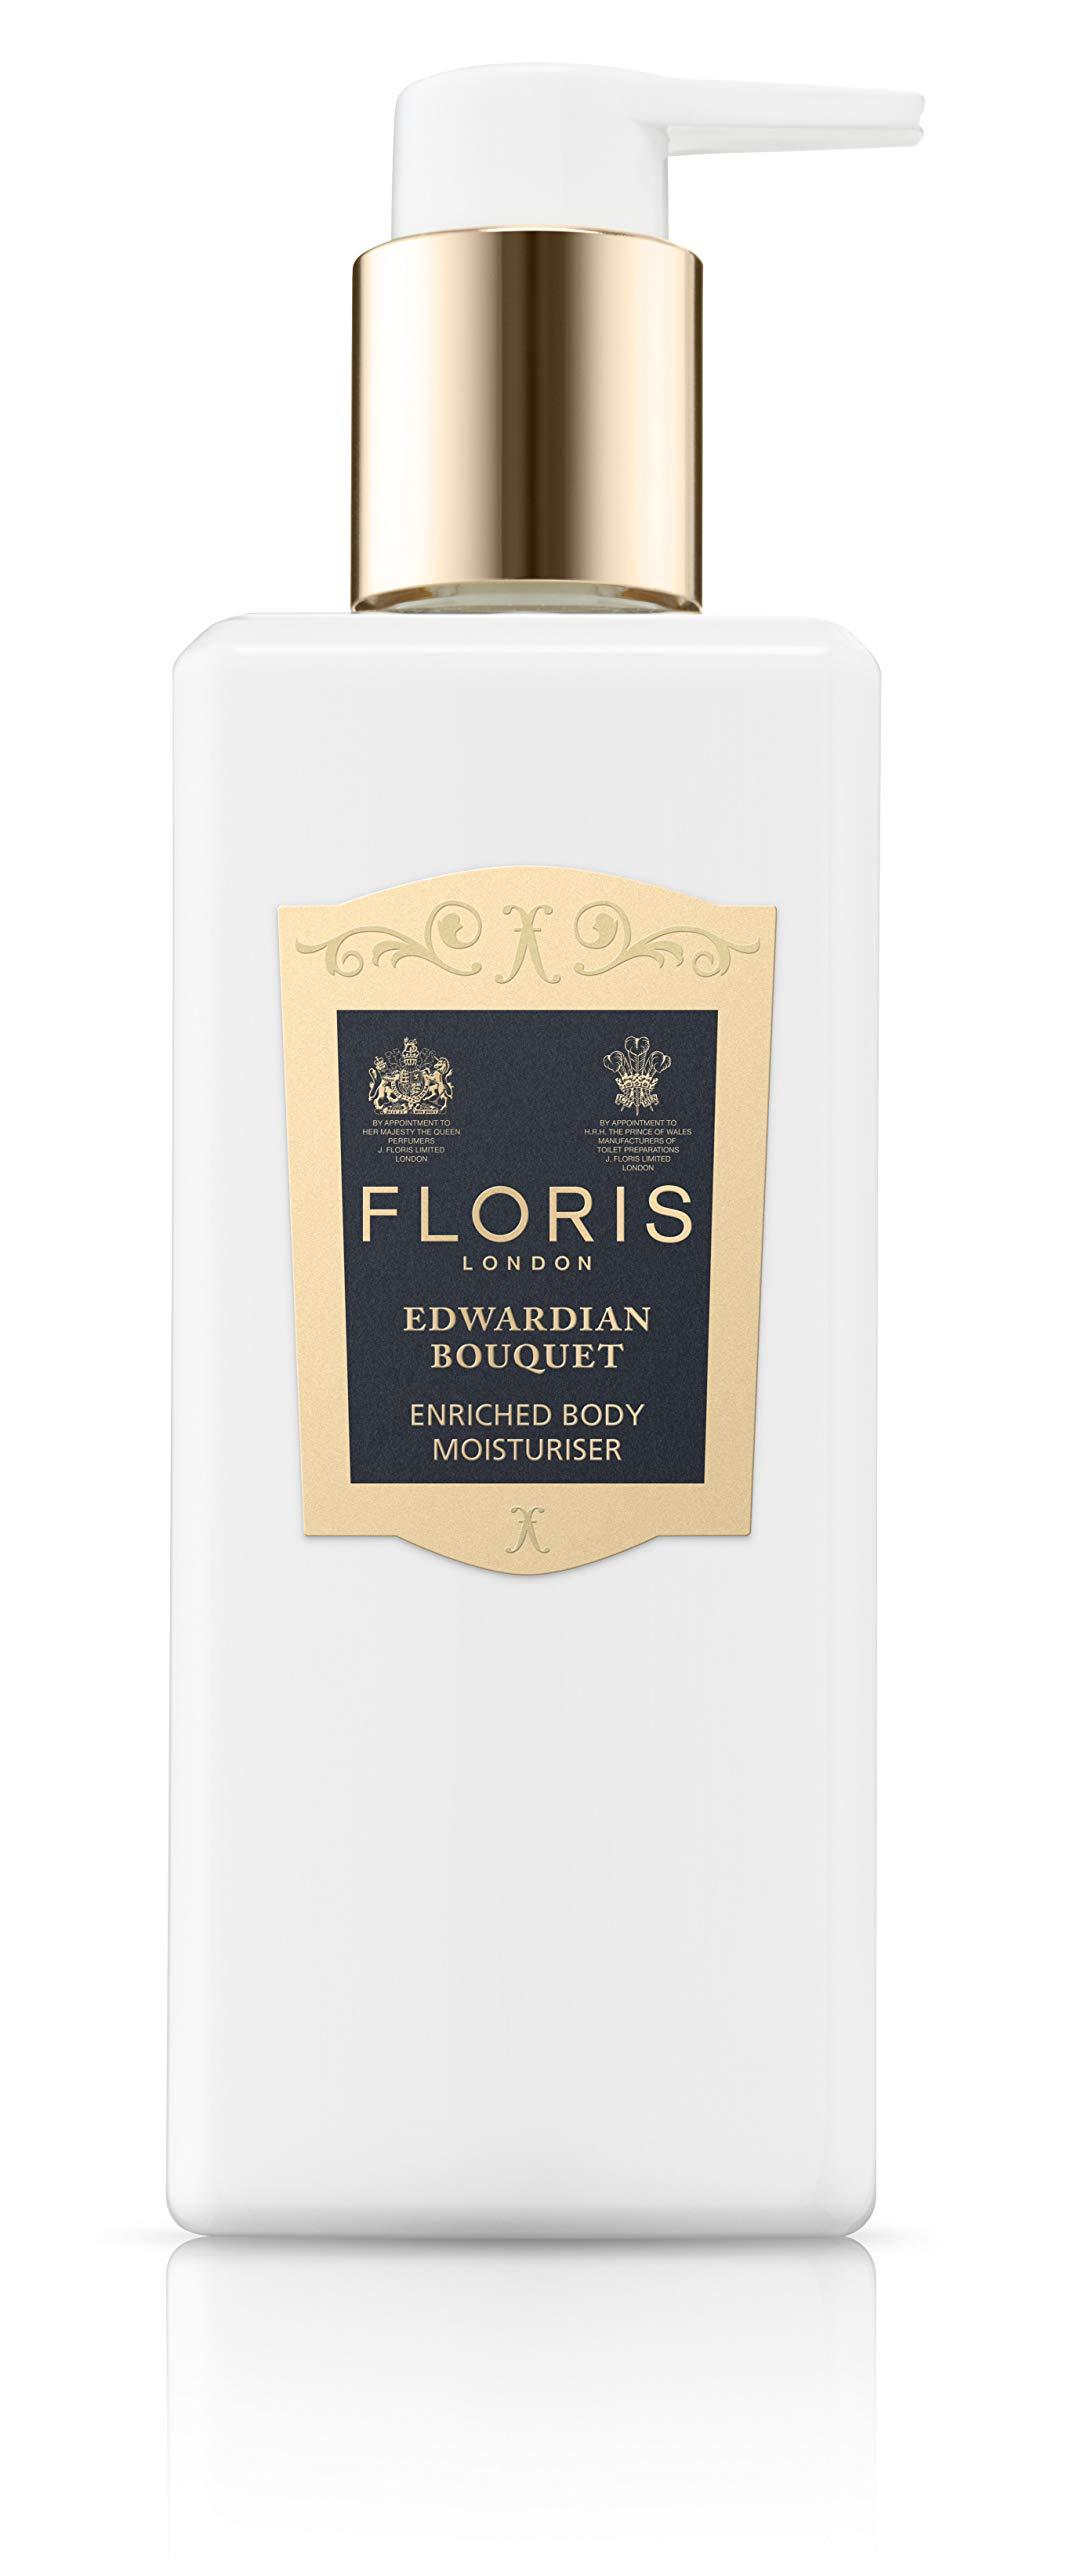 Floris London Edwardian Bouquet Enriched Body Moisturiser, 8.5 Fl Oz